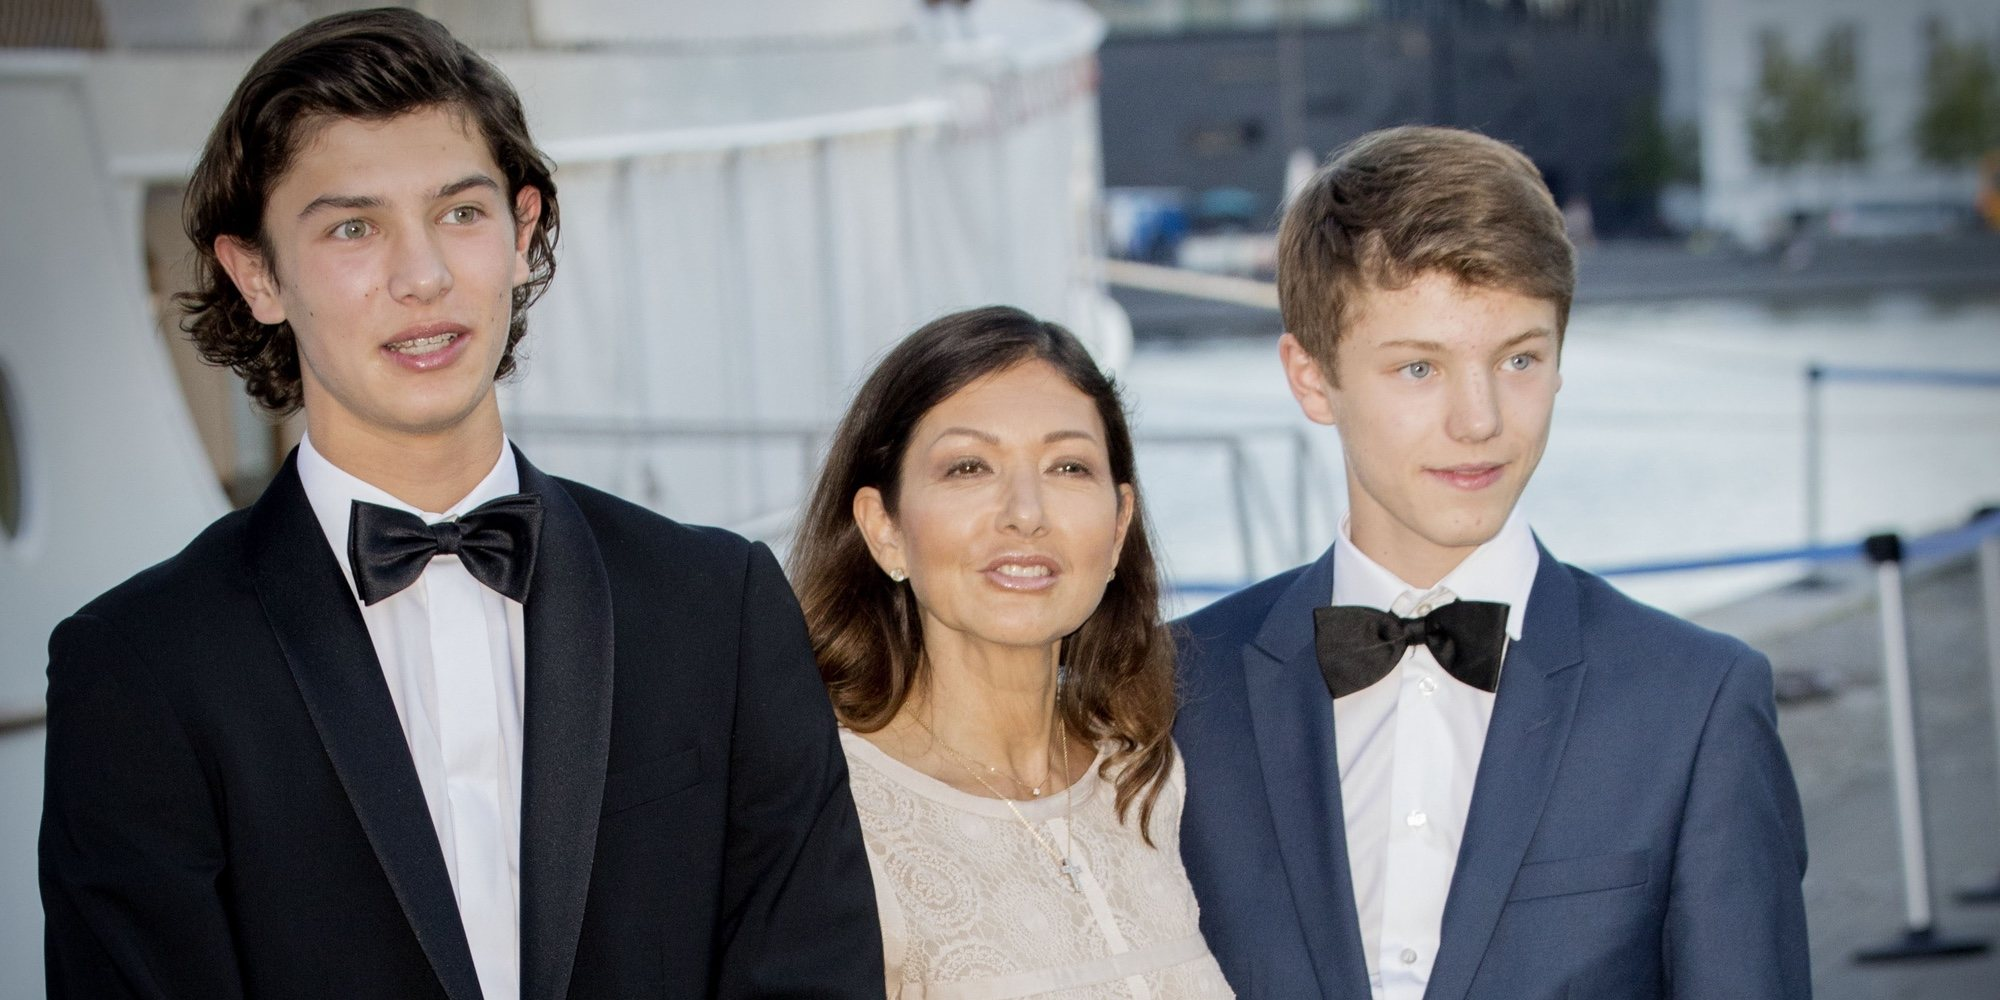 El Príncipe Félix de Dinamarca seguirá los pasos de su hermano, el Príncipe Nicolás